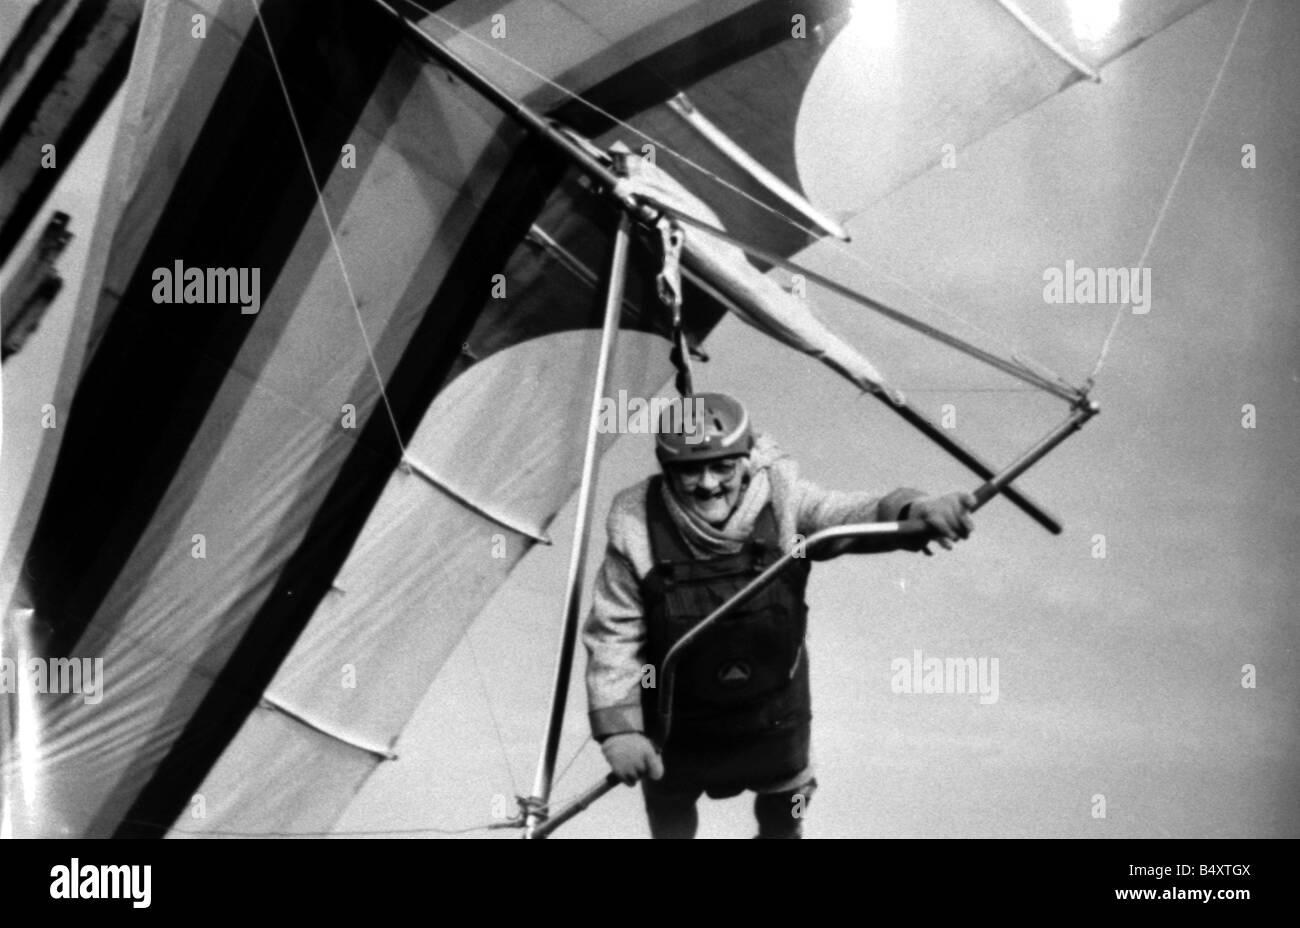 Boots Anson-Roa (b. 1945) forecast